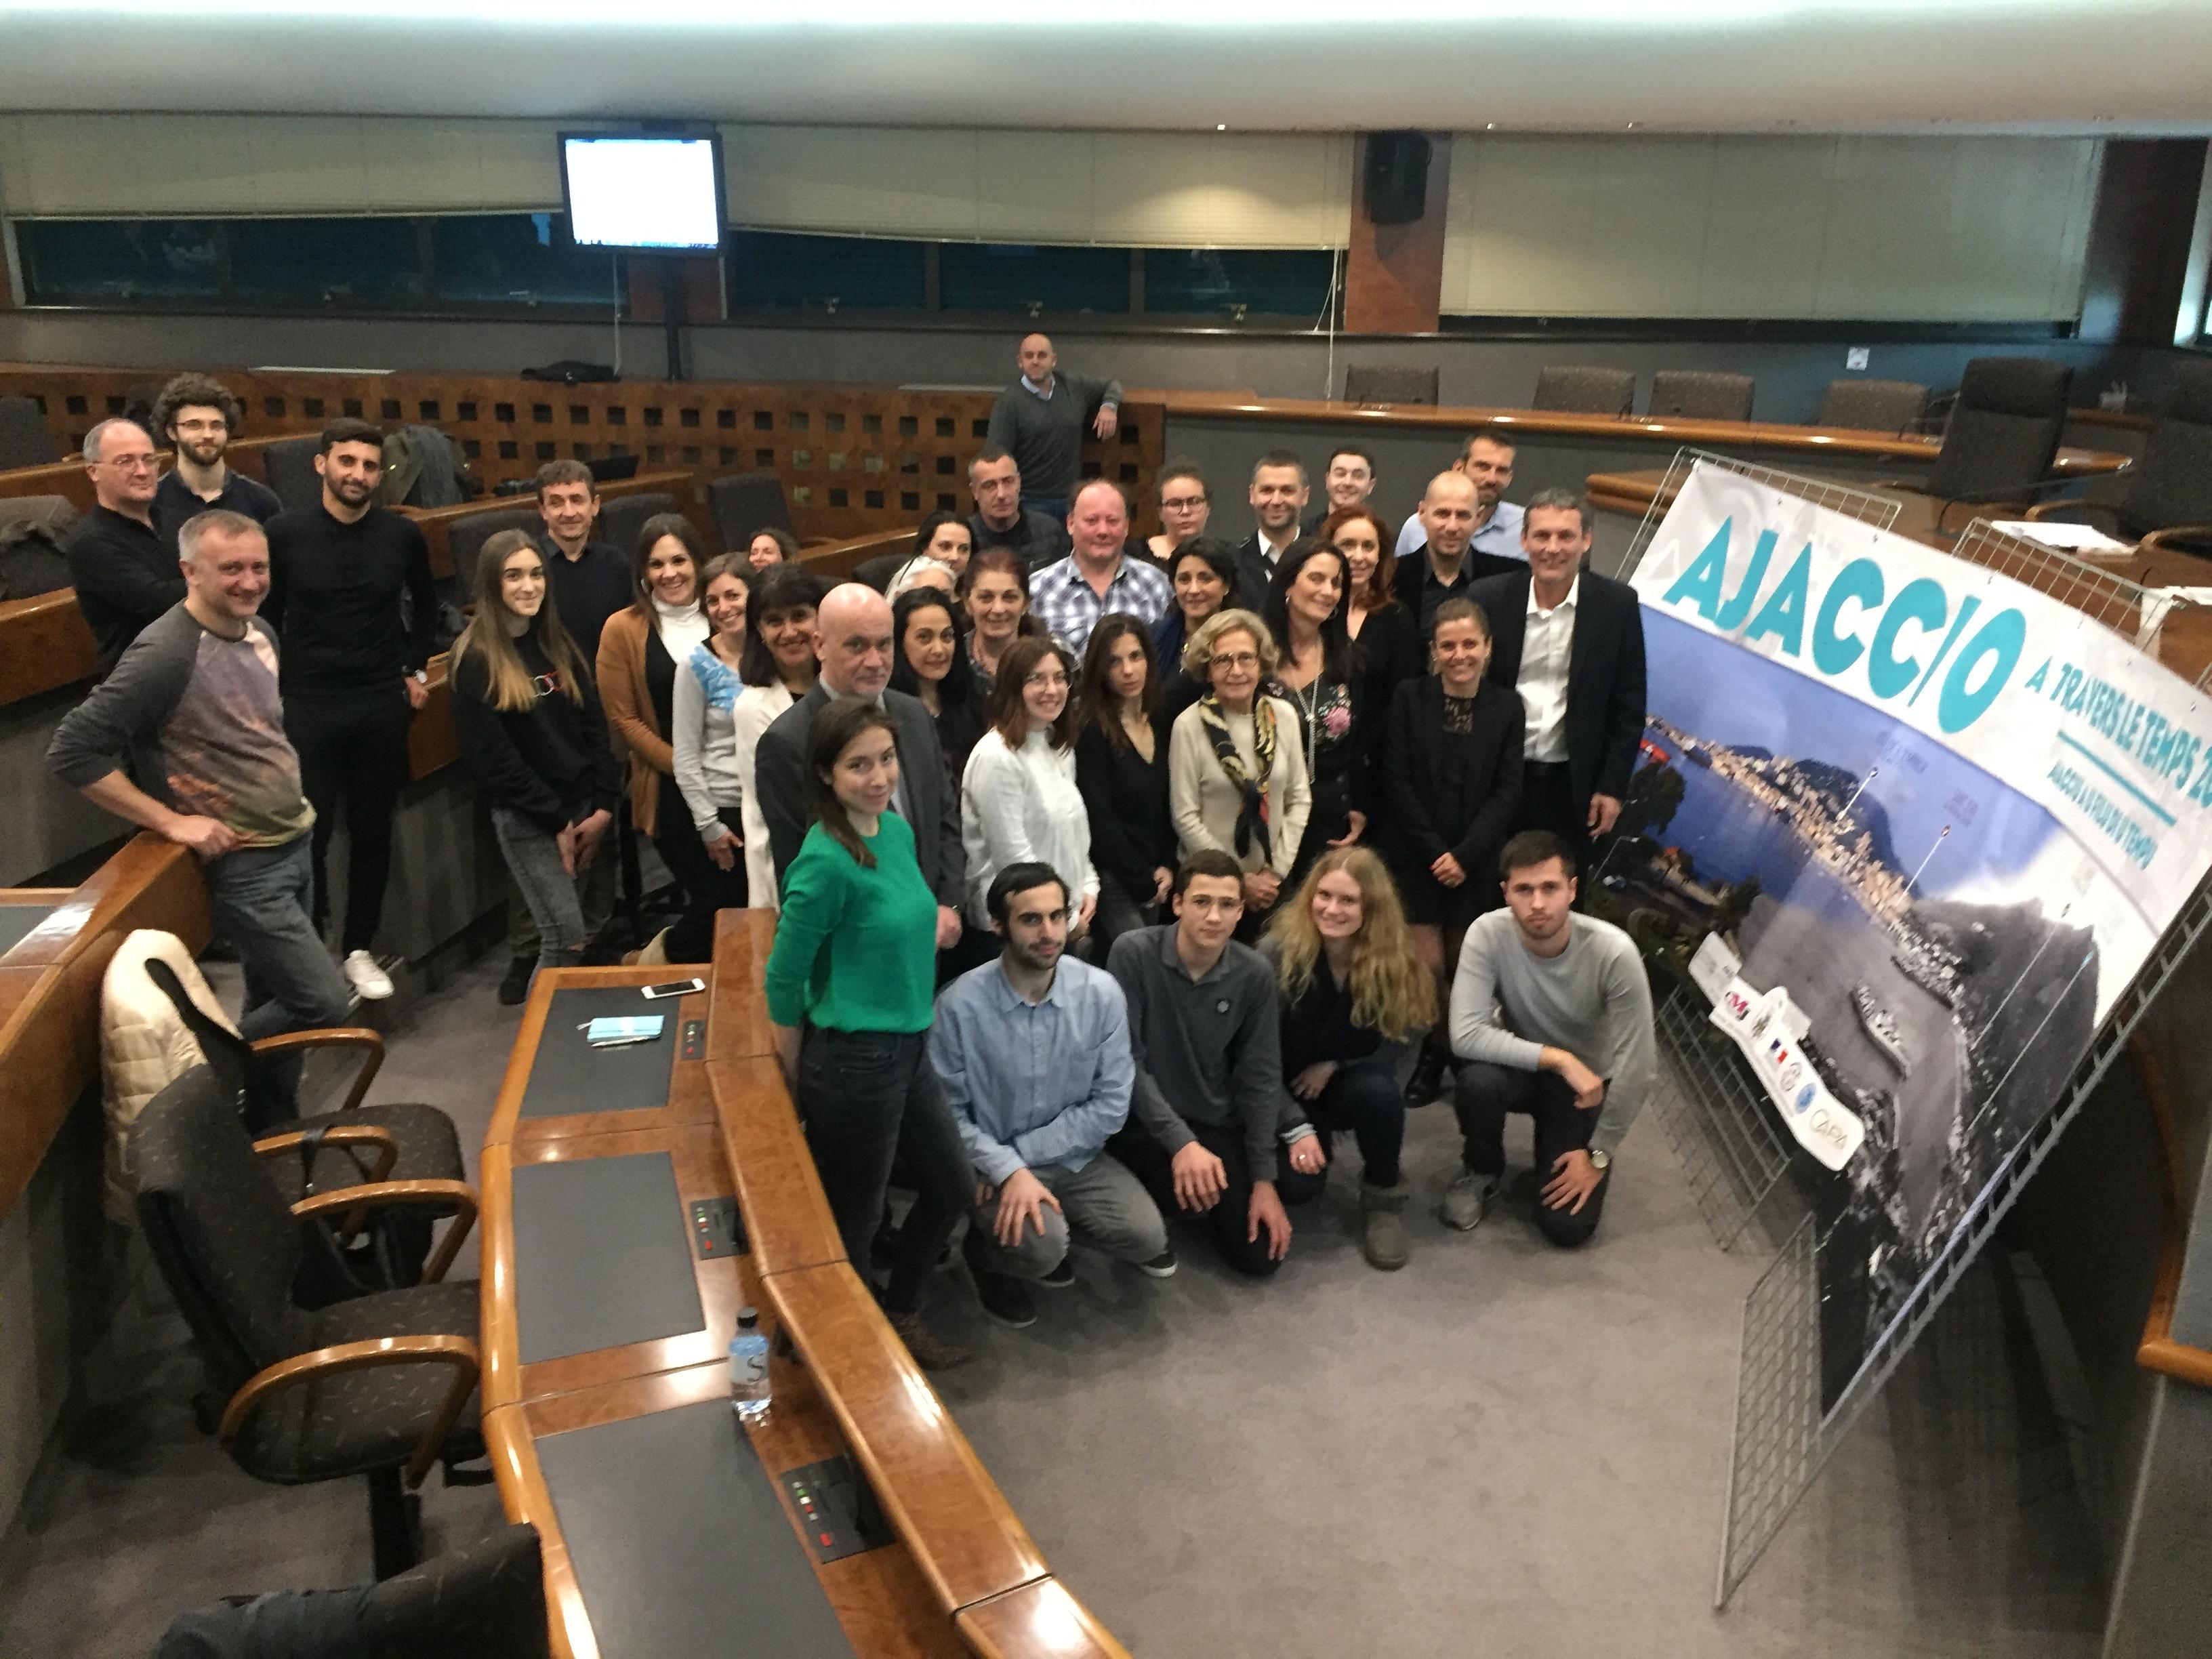 Conférence de presse ce mercredi 4 avril en salle du conseil municipal de l'opération Ajaccio à travers le temps en présence de tous les partenaires dont le CMJ (photo Ville d'Ajaccio).